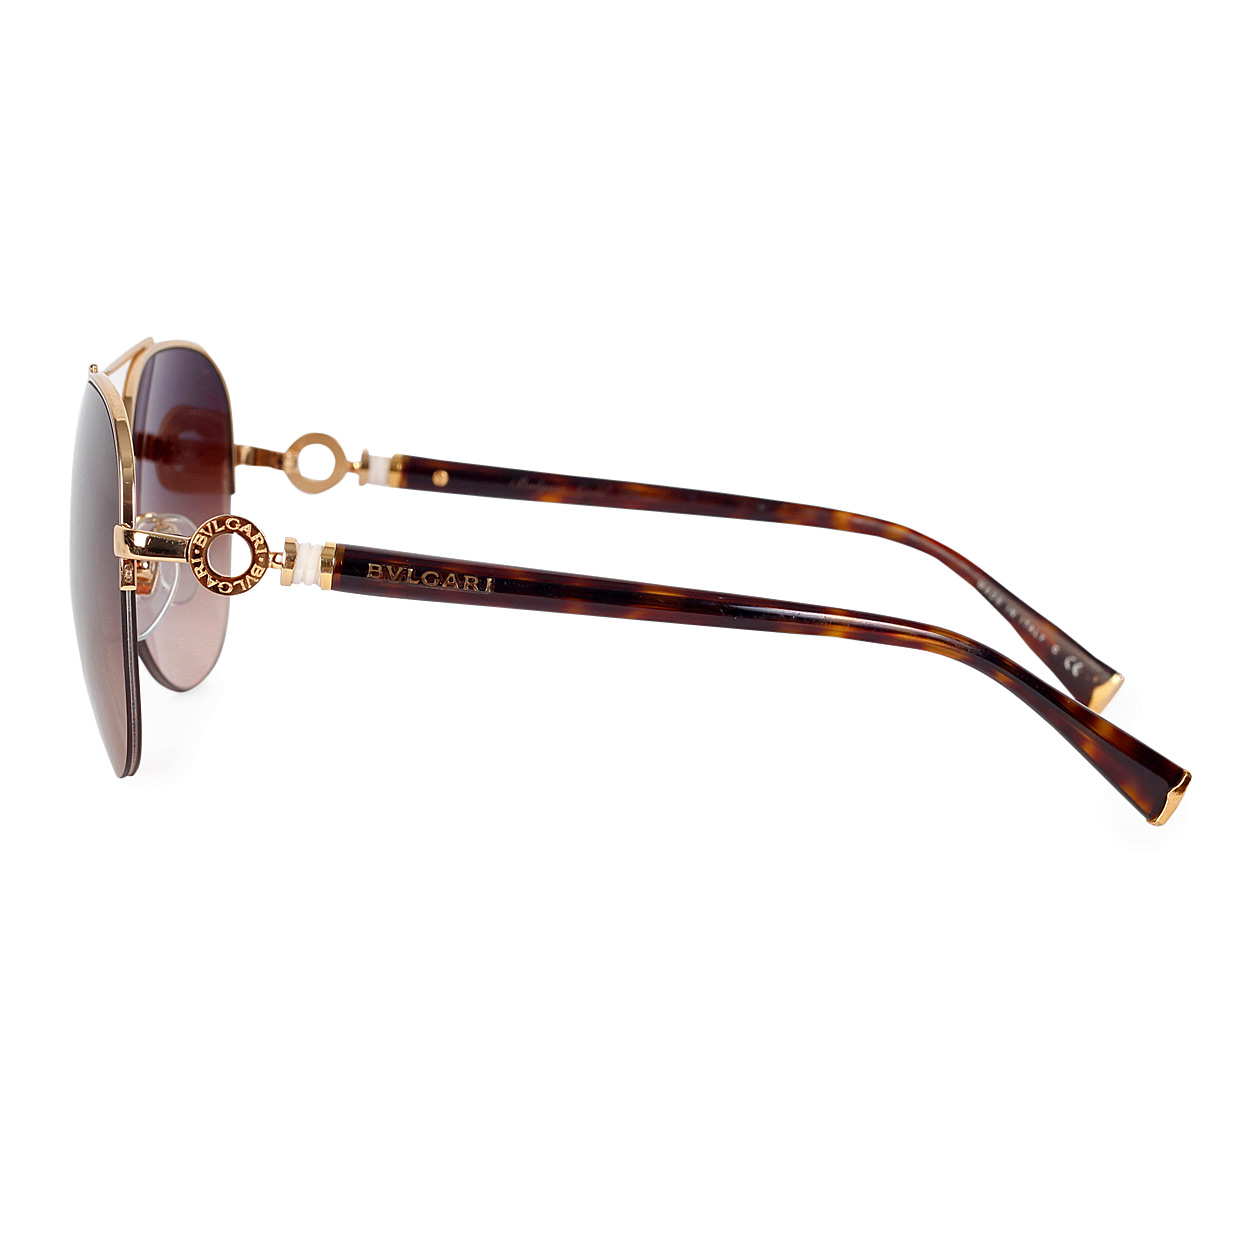 BVLGARI Gold Plated Aviator Sunglasses 6068K - Luxity